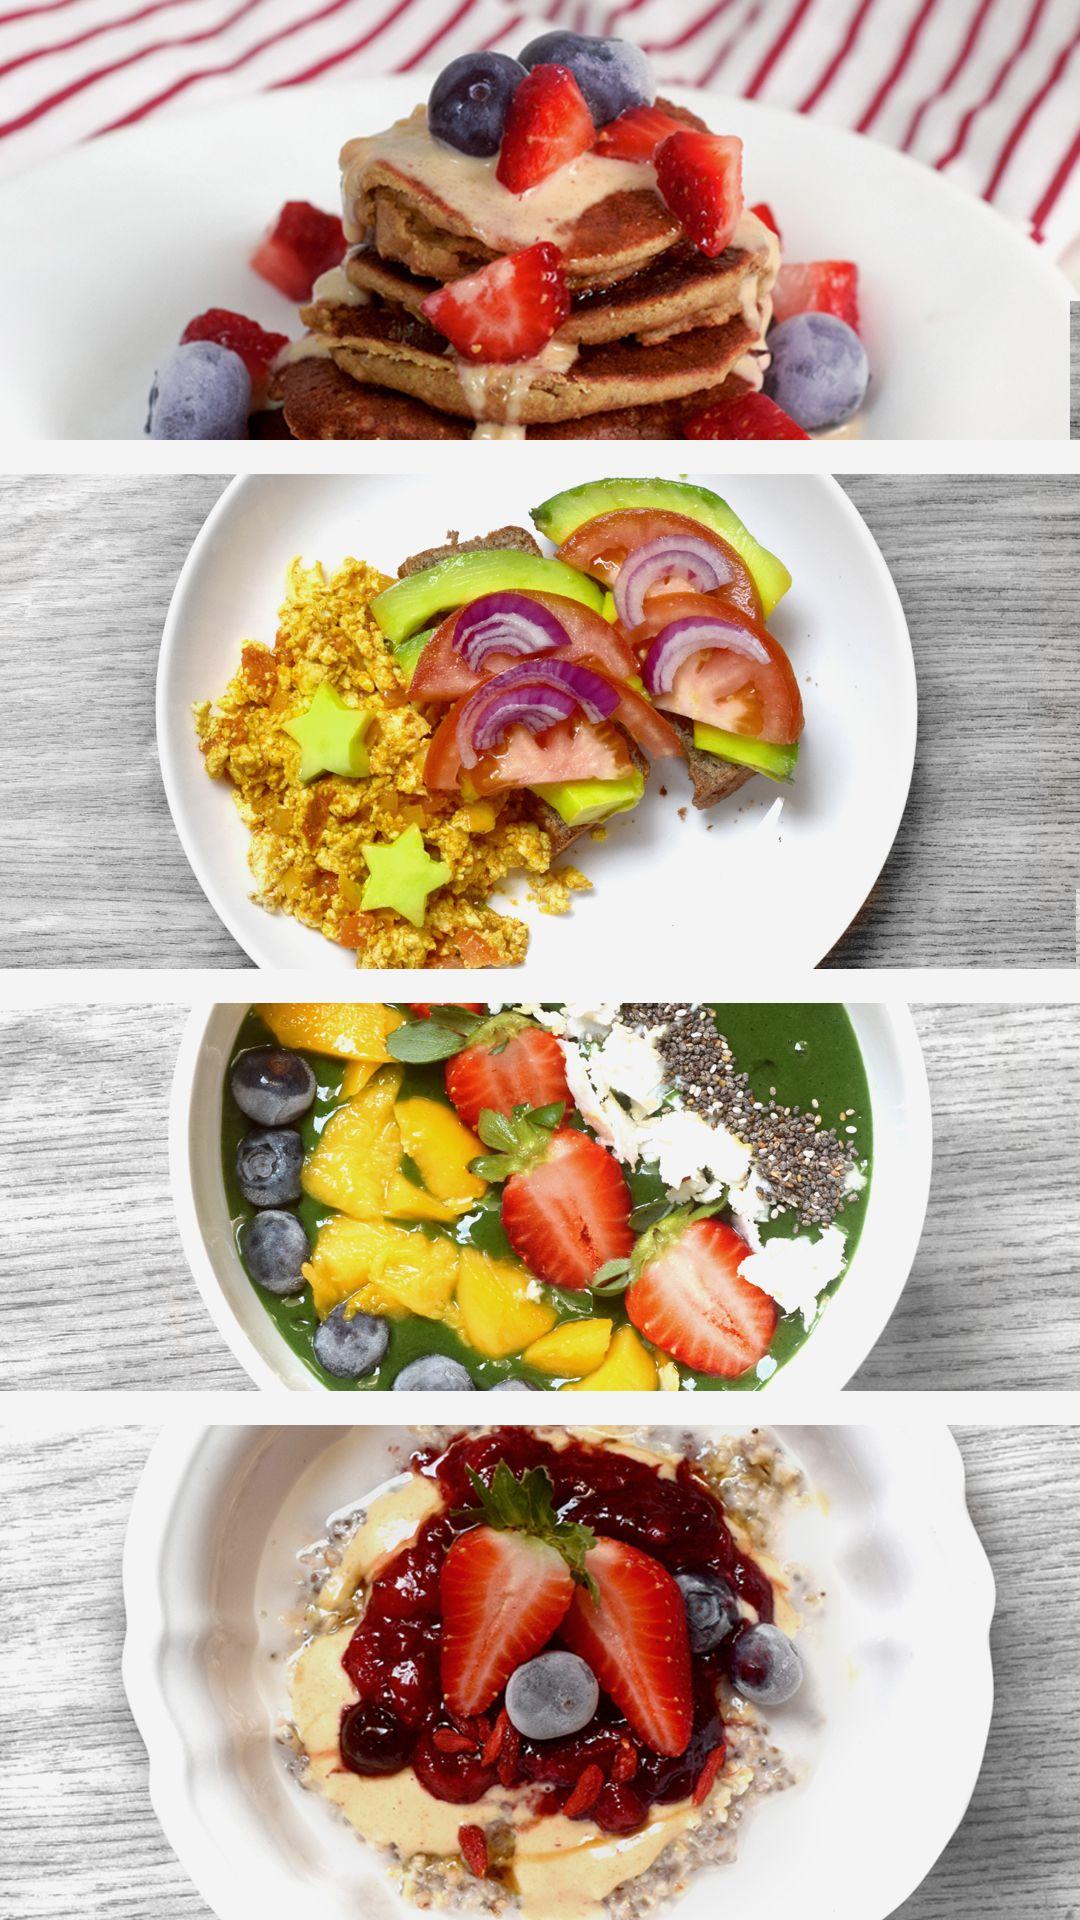 1 Semana Inteira De Cafes Da Manha Vegano Proteico Com Imagens